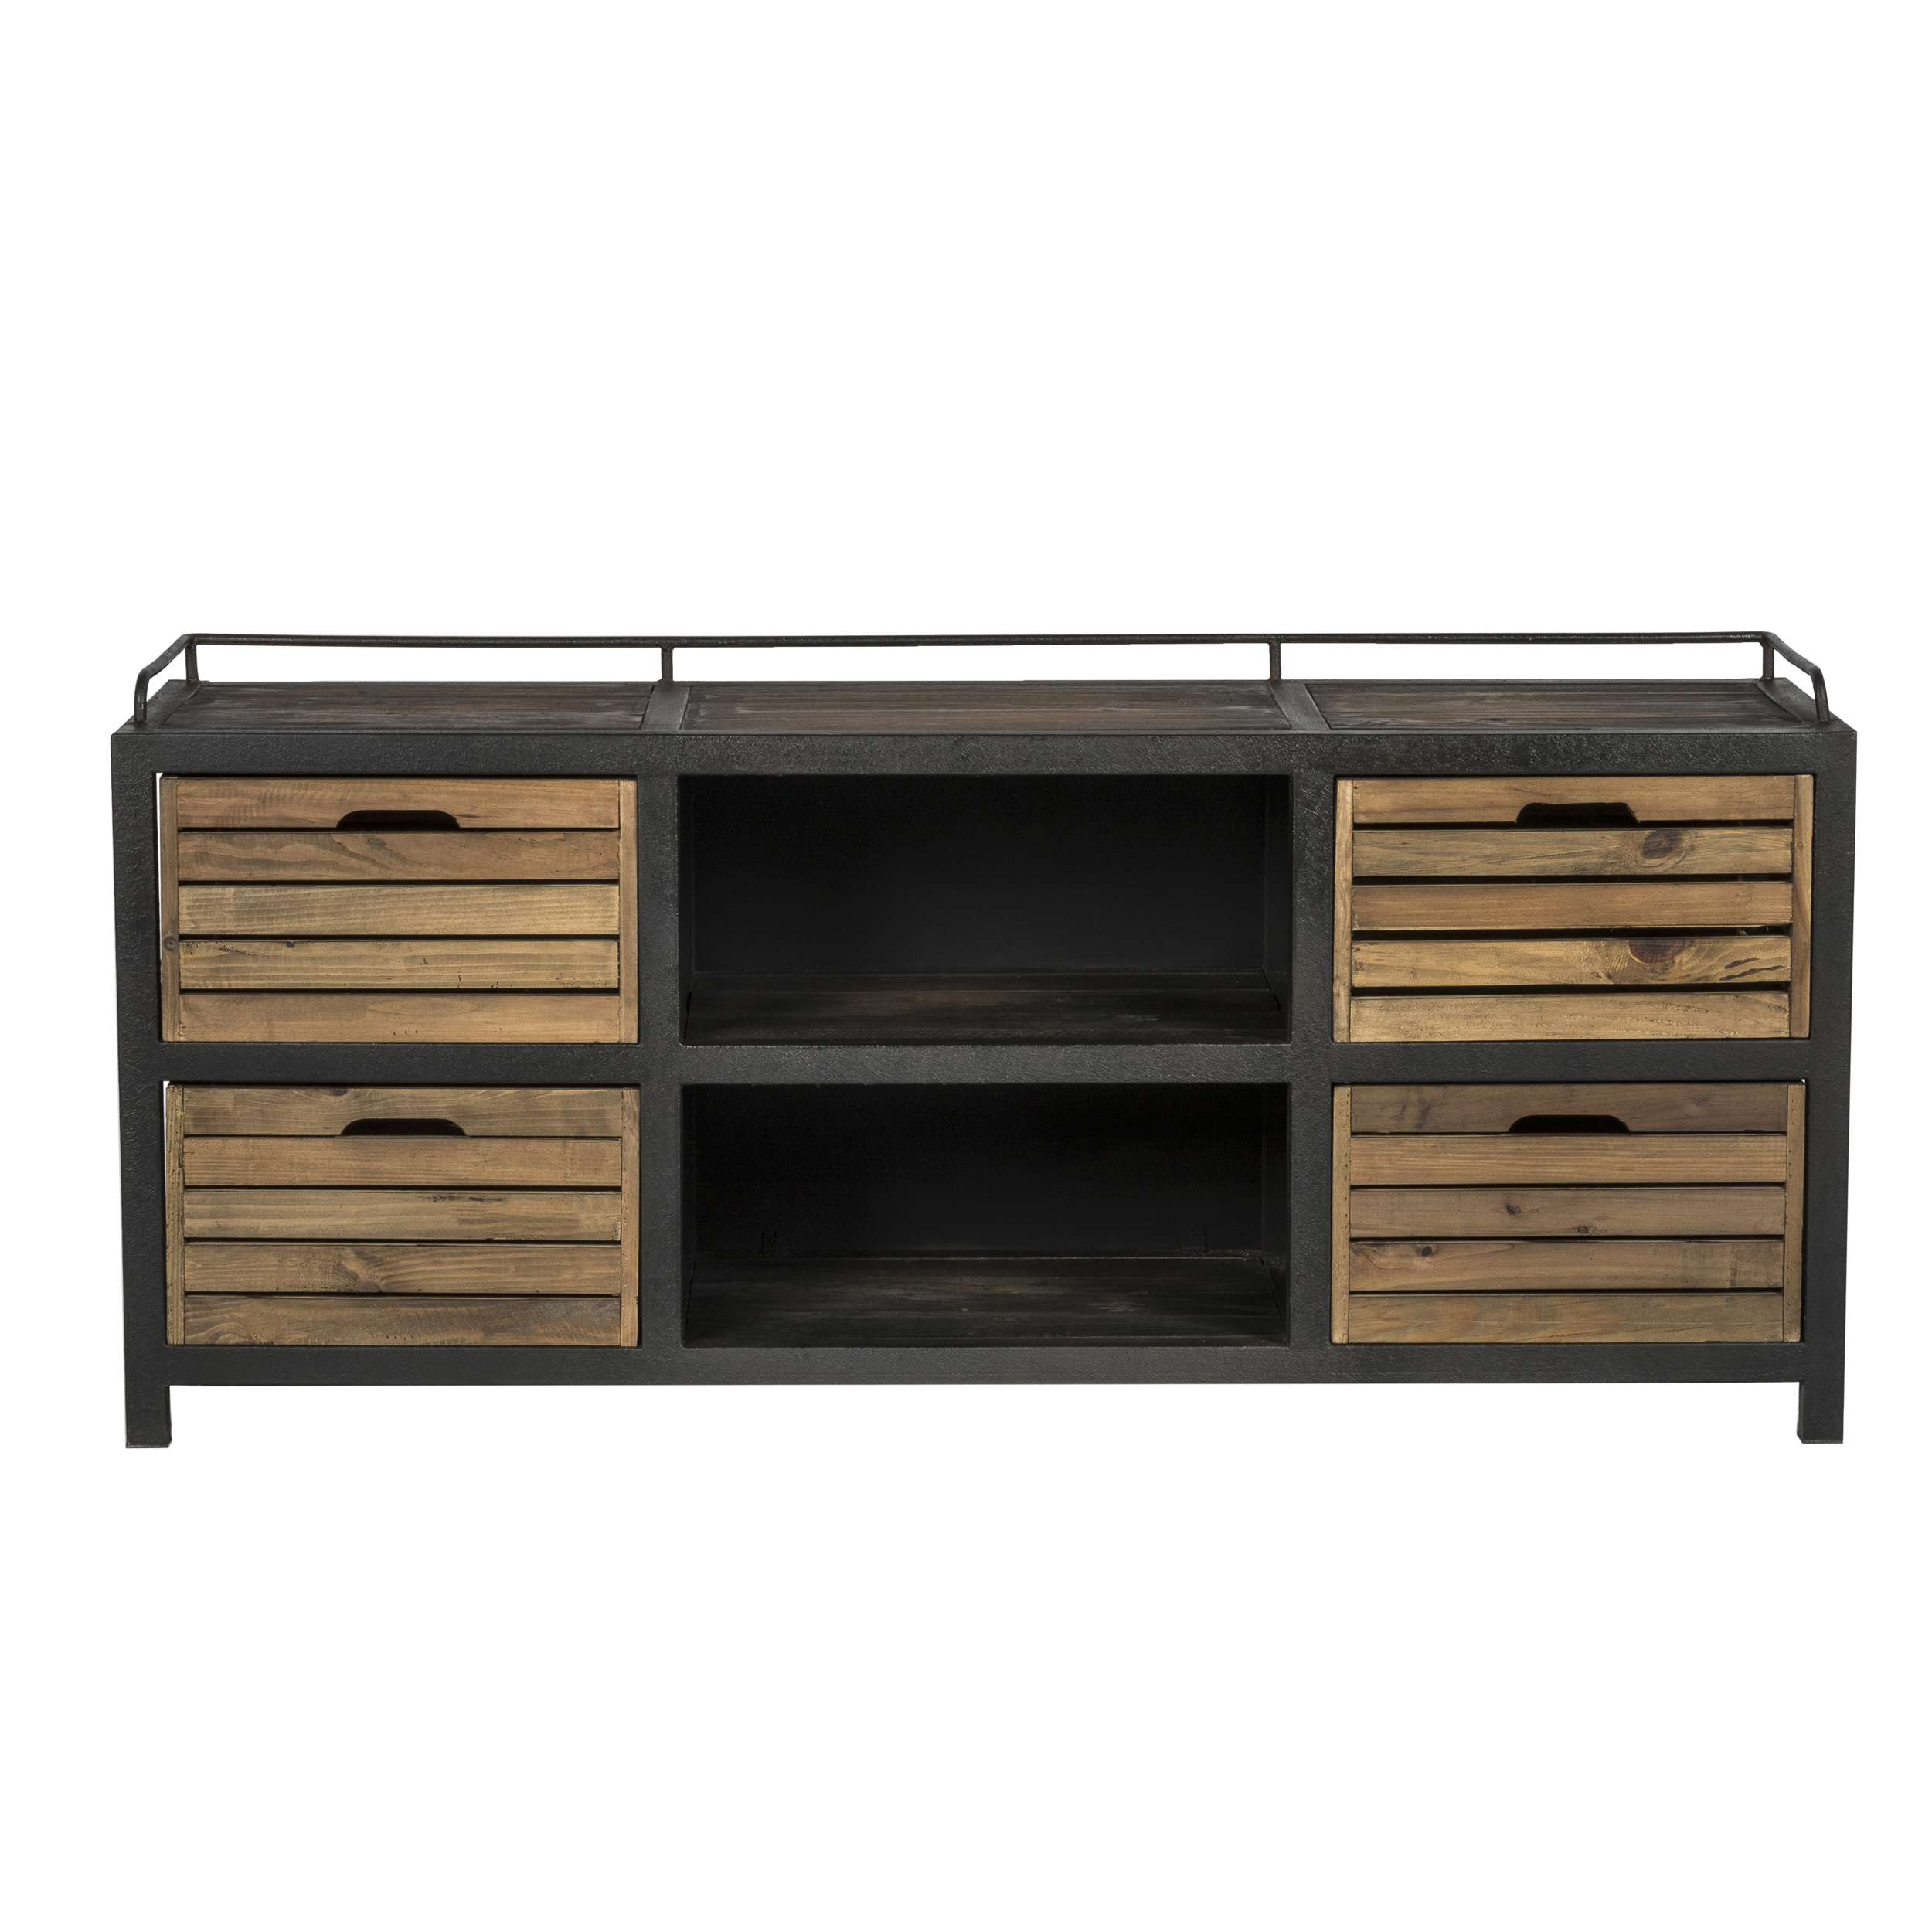 Buffet en bois recyclé et métal, 2 niches et 4 tiroirs